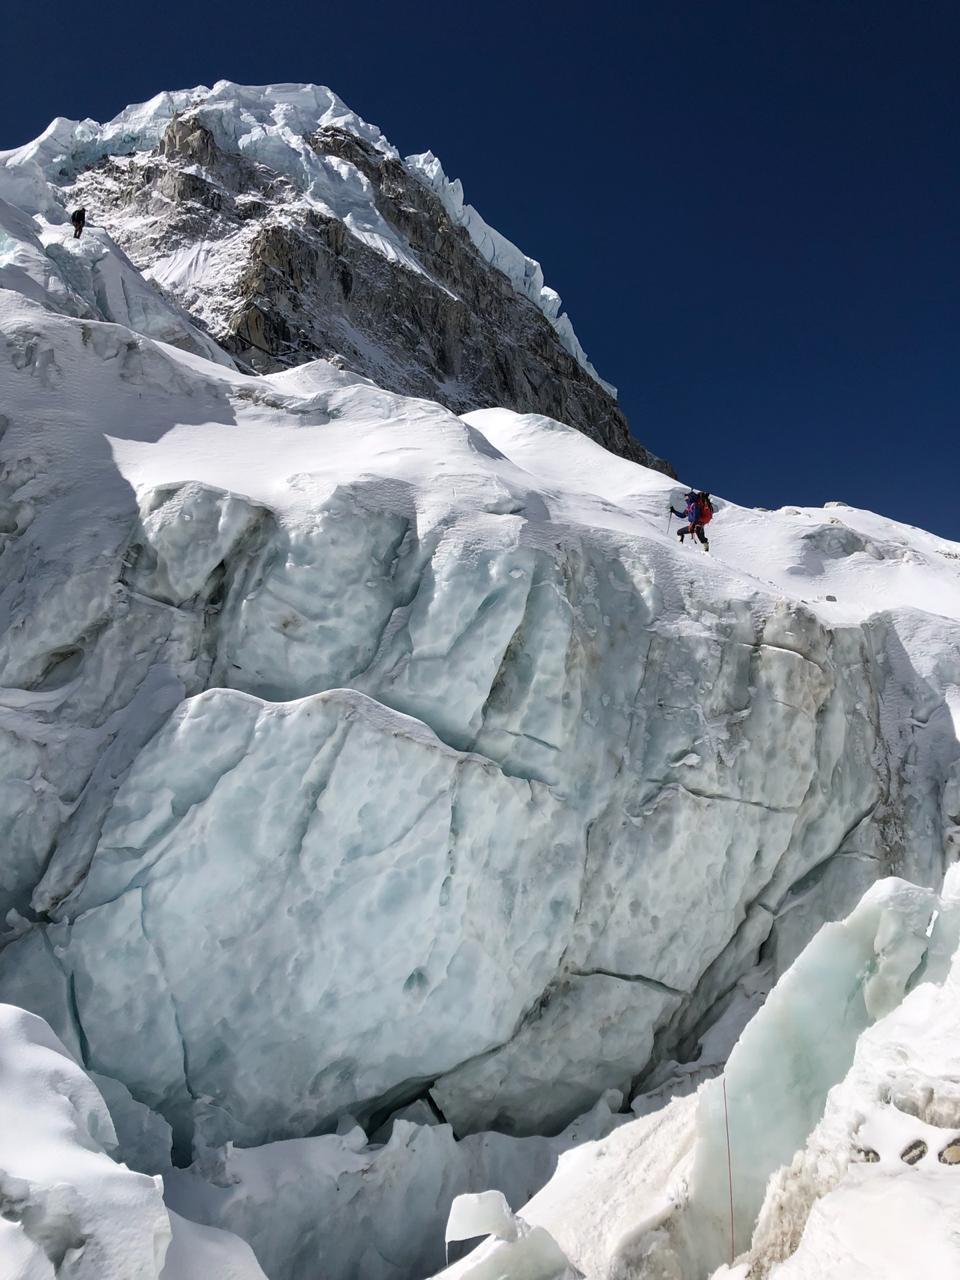 JP atravesando el glaciar del khumbu camino al C1